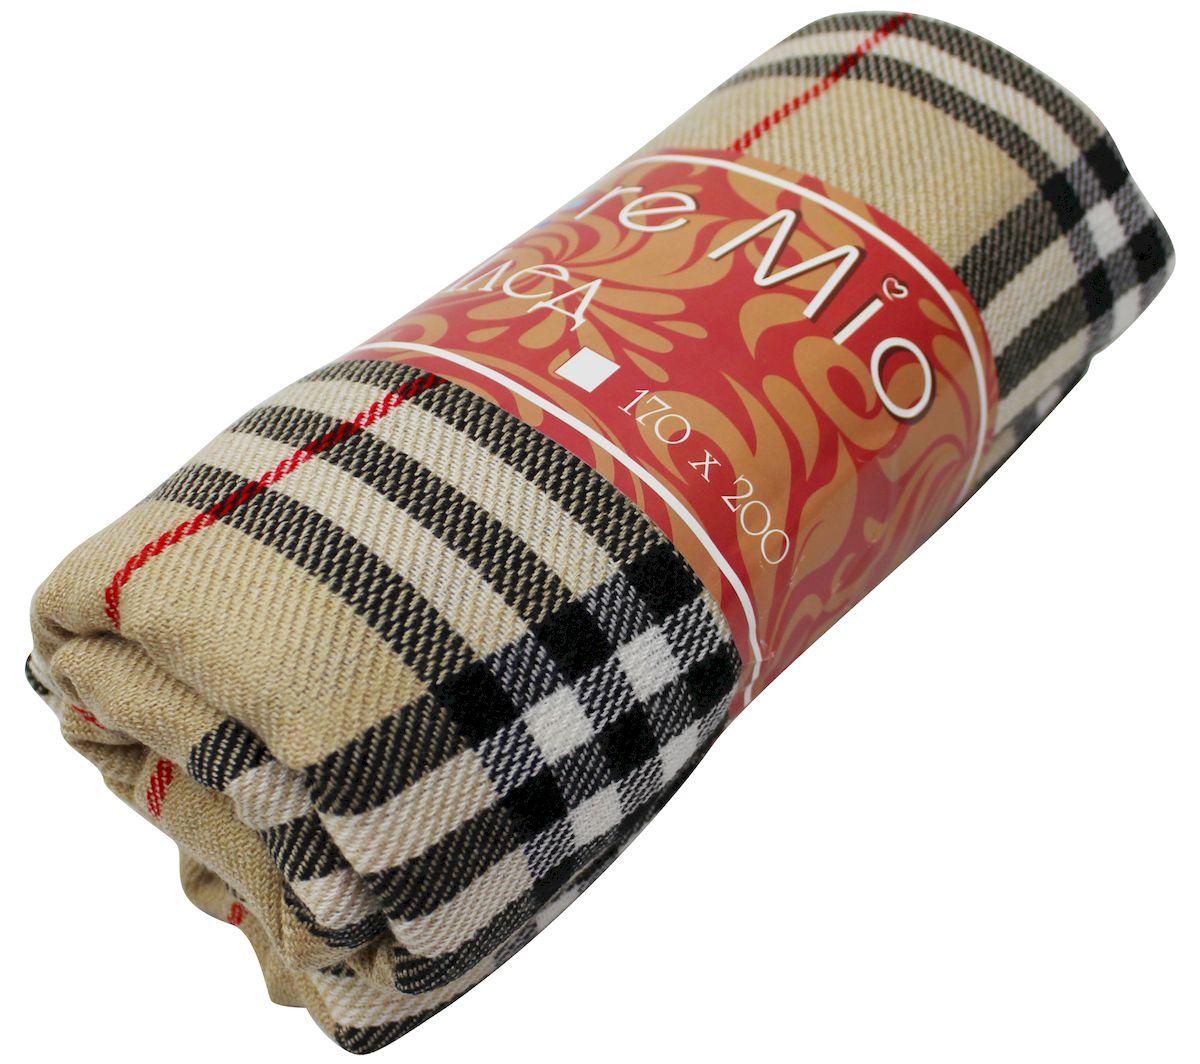 Плед Amore Mio Richard, 170 х 200 см4630003364517Мягкий, теплый и уютный плед с кистями Amore Mio изготовлен из 100% акрила. Не зря в народе за акрилом закрепилось имя искусственной шерсти. Акриловое волокно великолепно удерживает тепло, оно практично и долговечно. Еще одно преимущество - в цене, так как по факту акрил значительно дешевле натуральной шерсти.